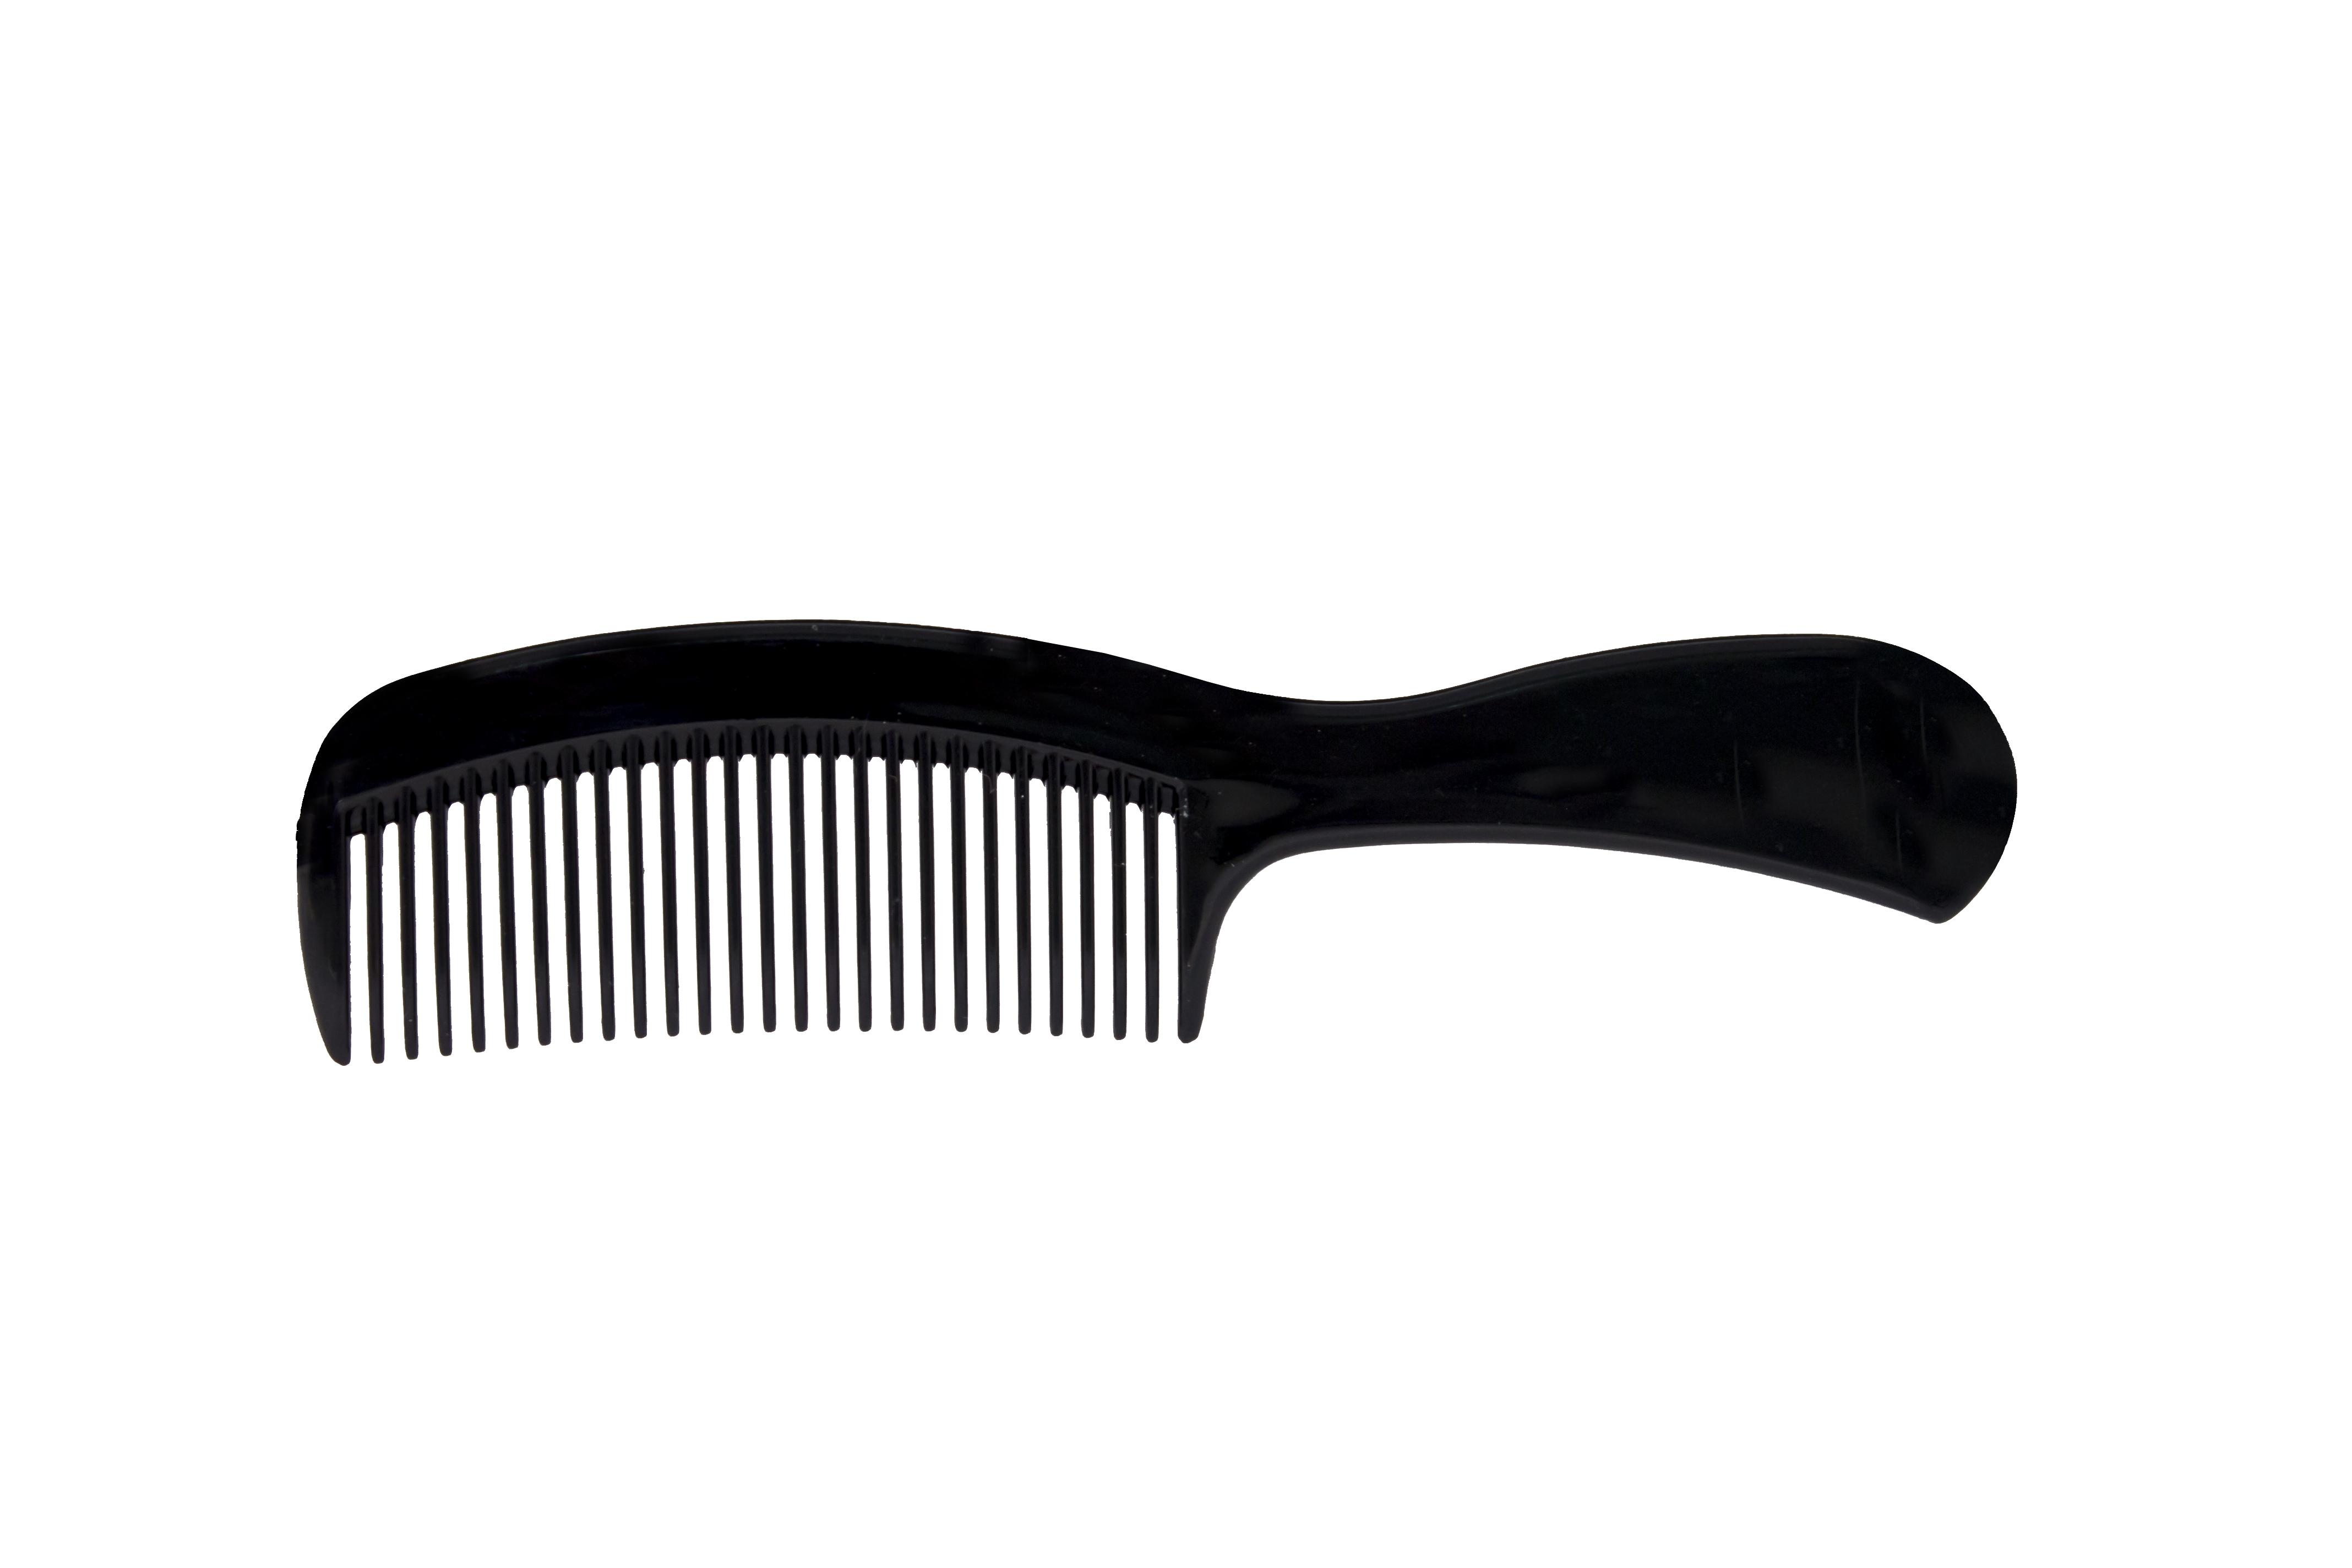 Dawnmist Adult Combs